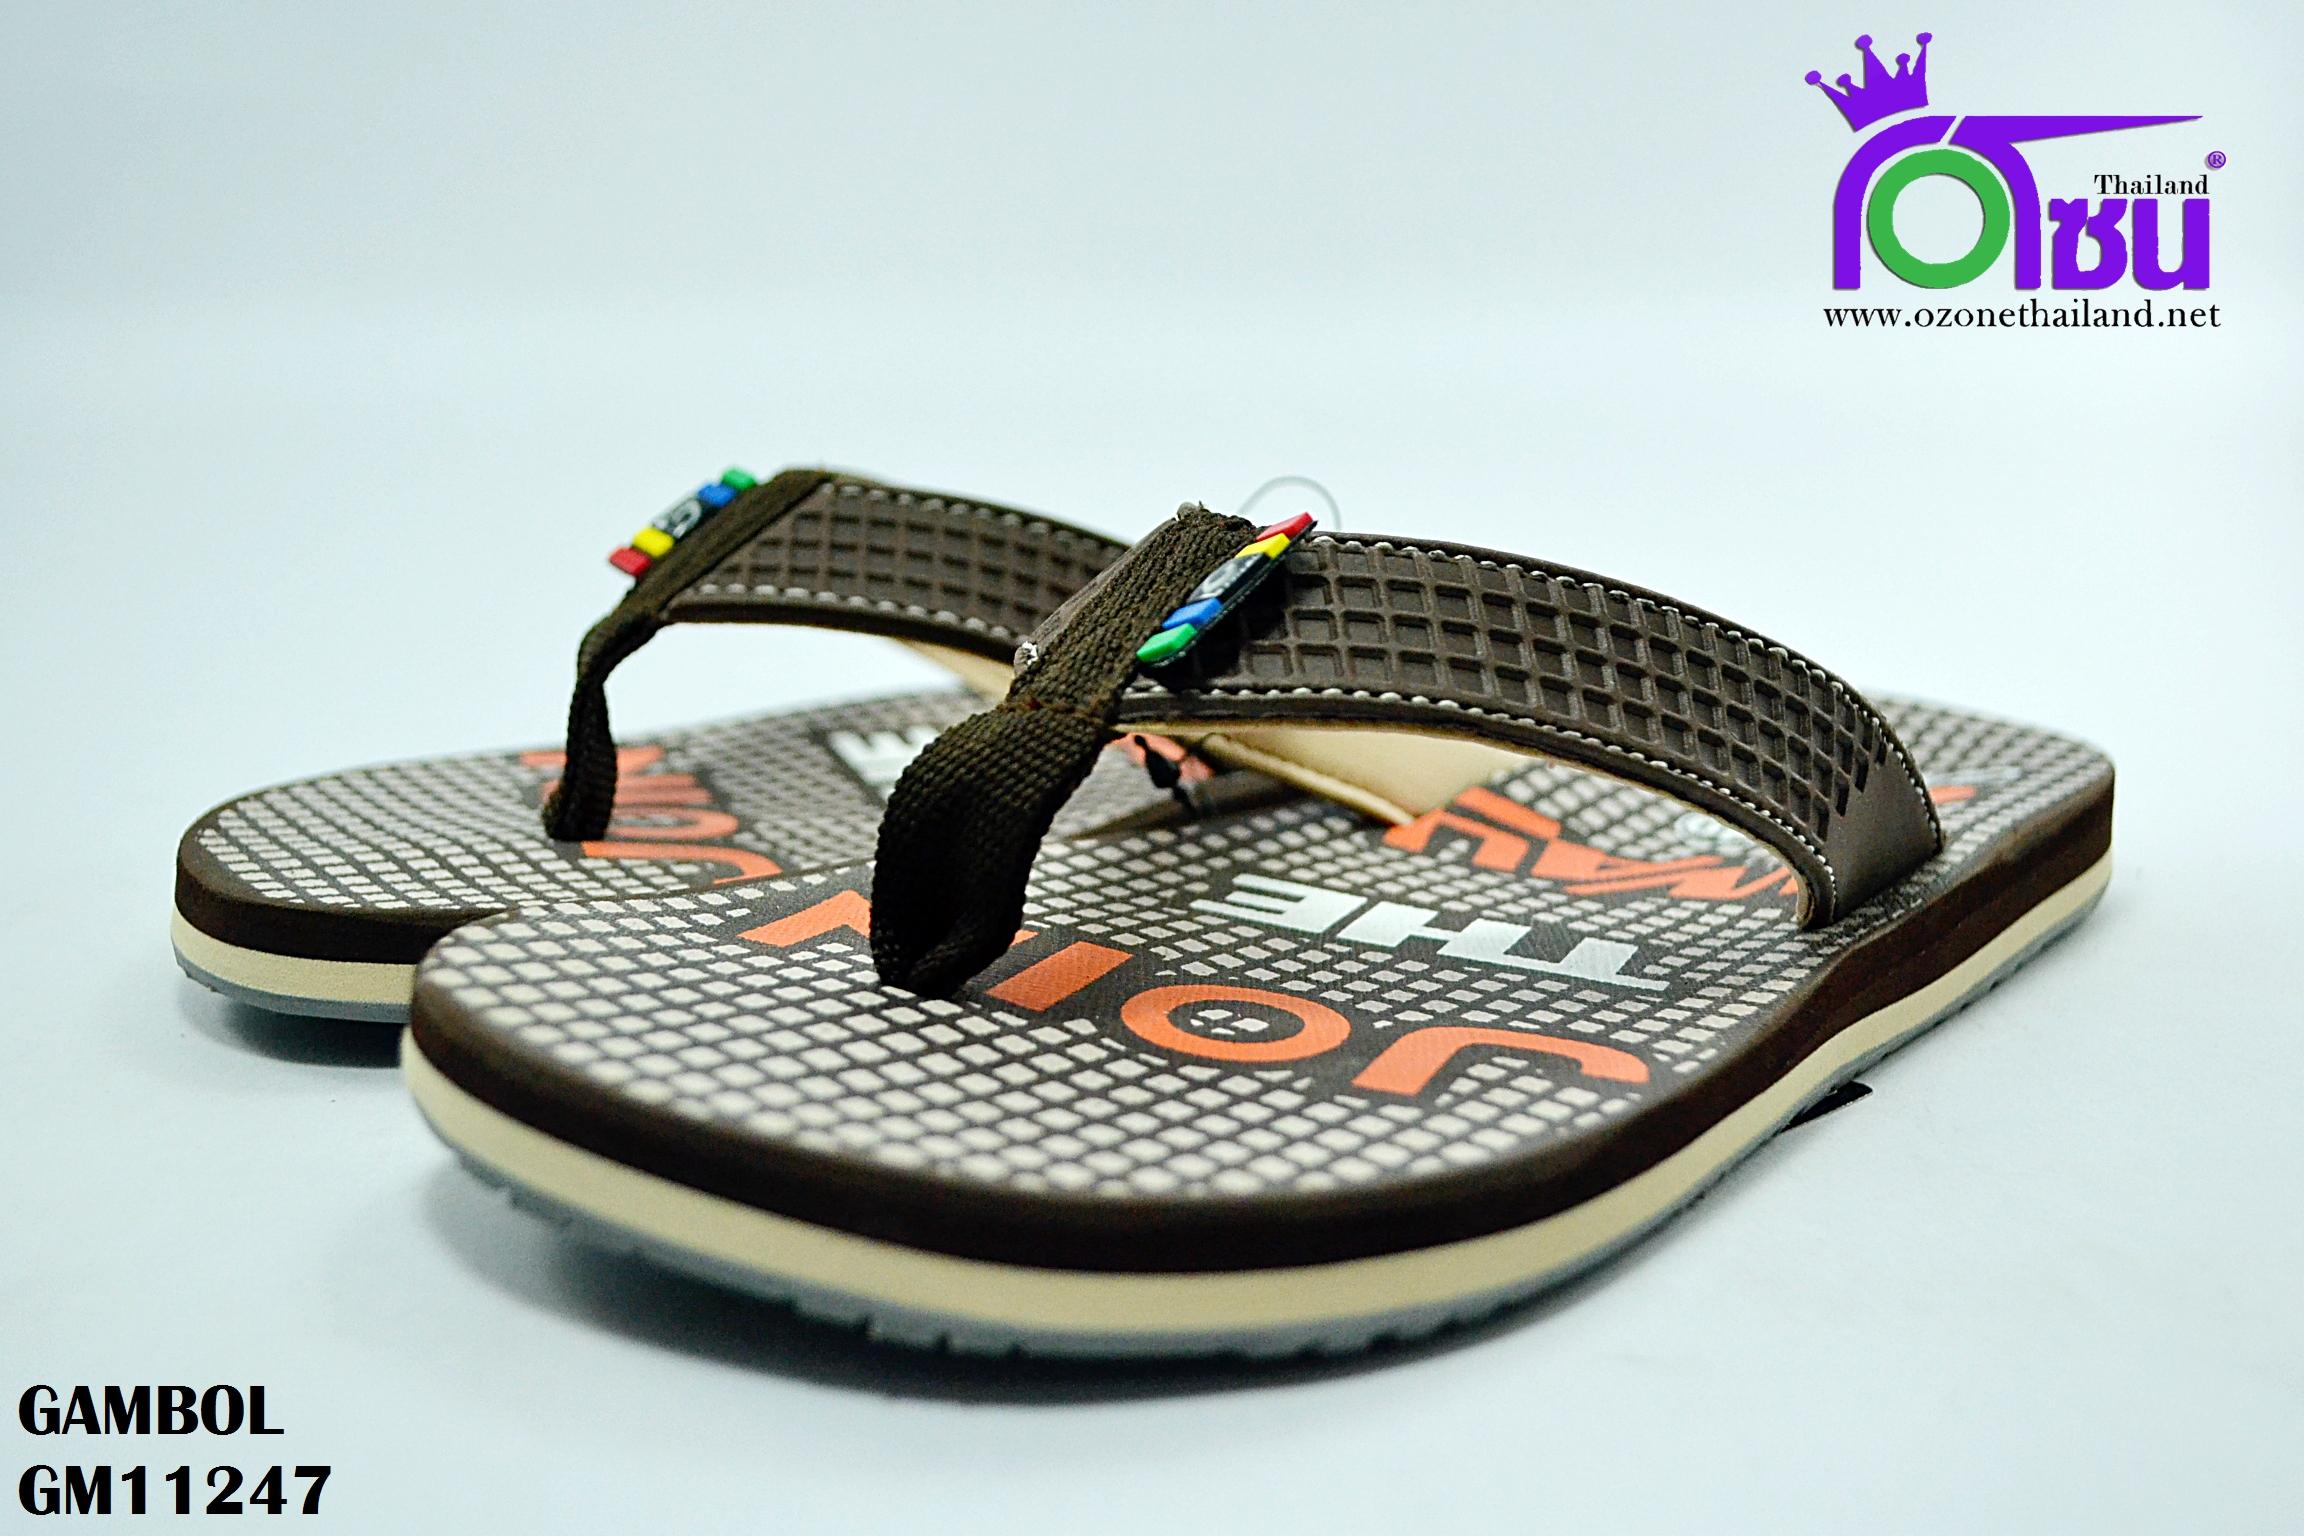 รองเท้าแตะ แกมโบล GAMBOL รุ่น GM11247 สี น้ำตาล เบอร์ 40-44